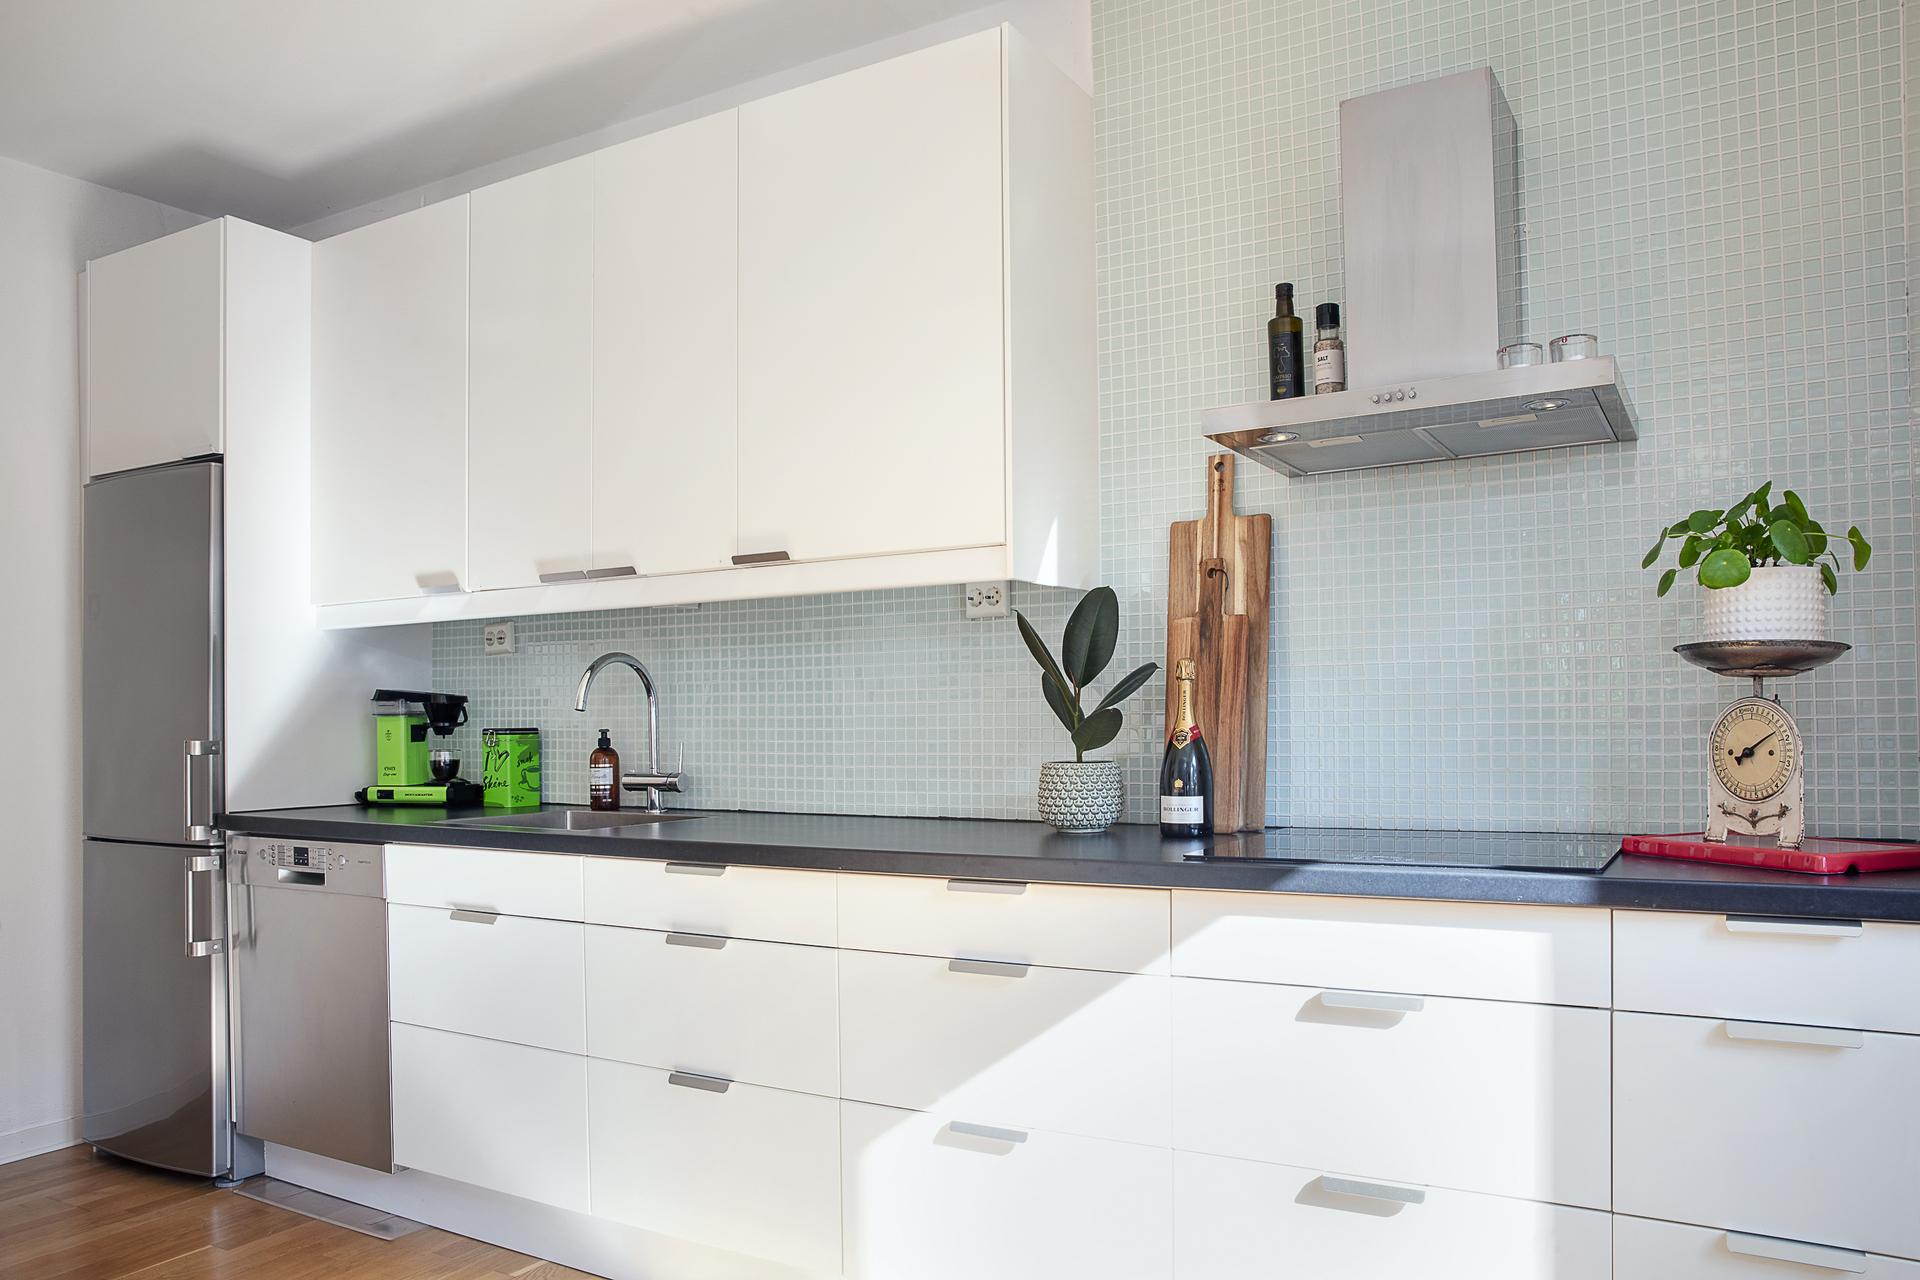 Köket erbjuder vita släta luckor samt gott om plats för förvaring